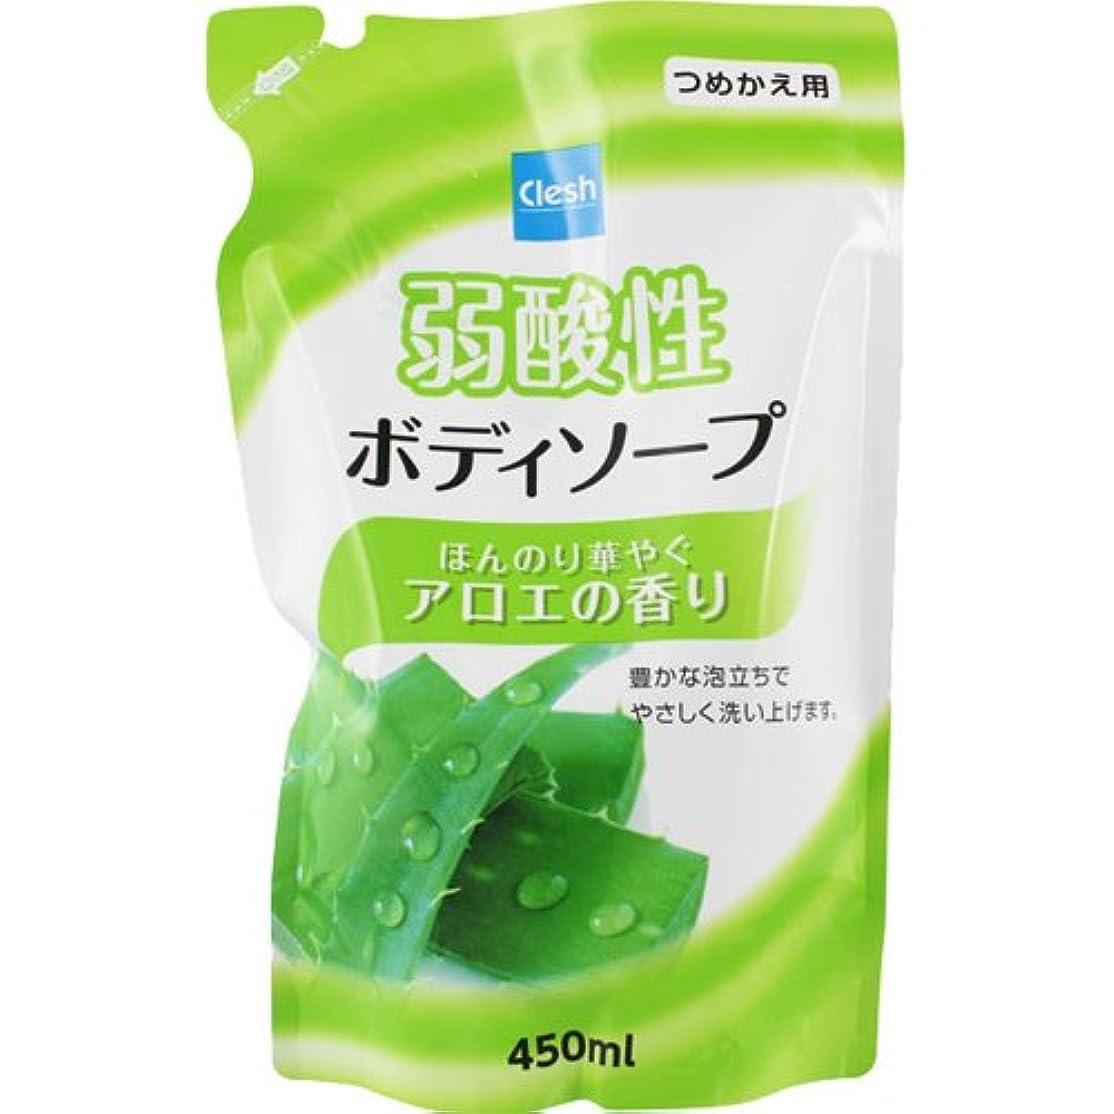 知らせるデコレーション修復Clesh(クレシュ) 弱酸性ボディソープ アロエの香り つめかえ用 450ml